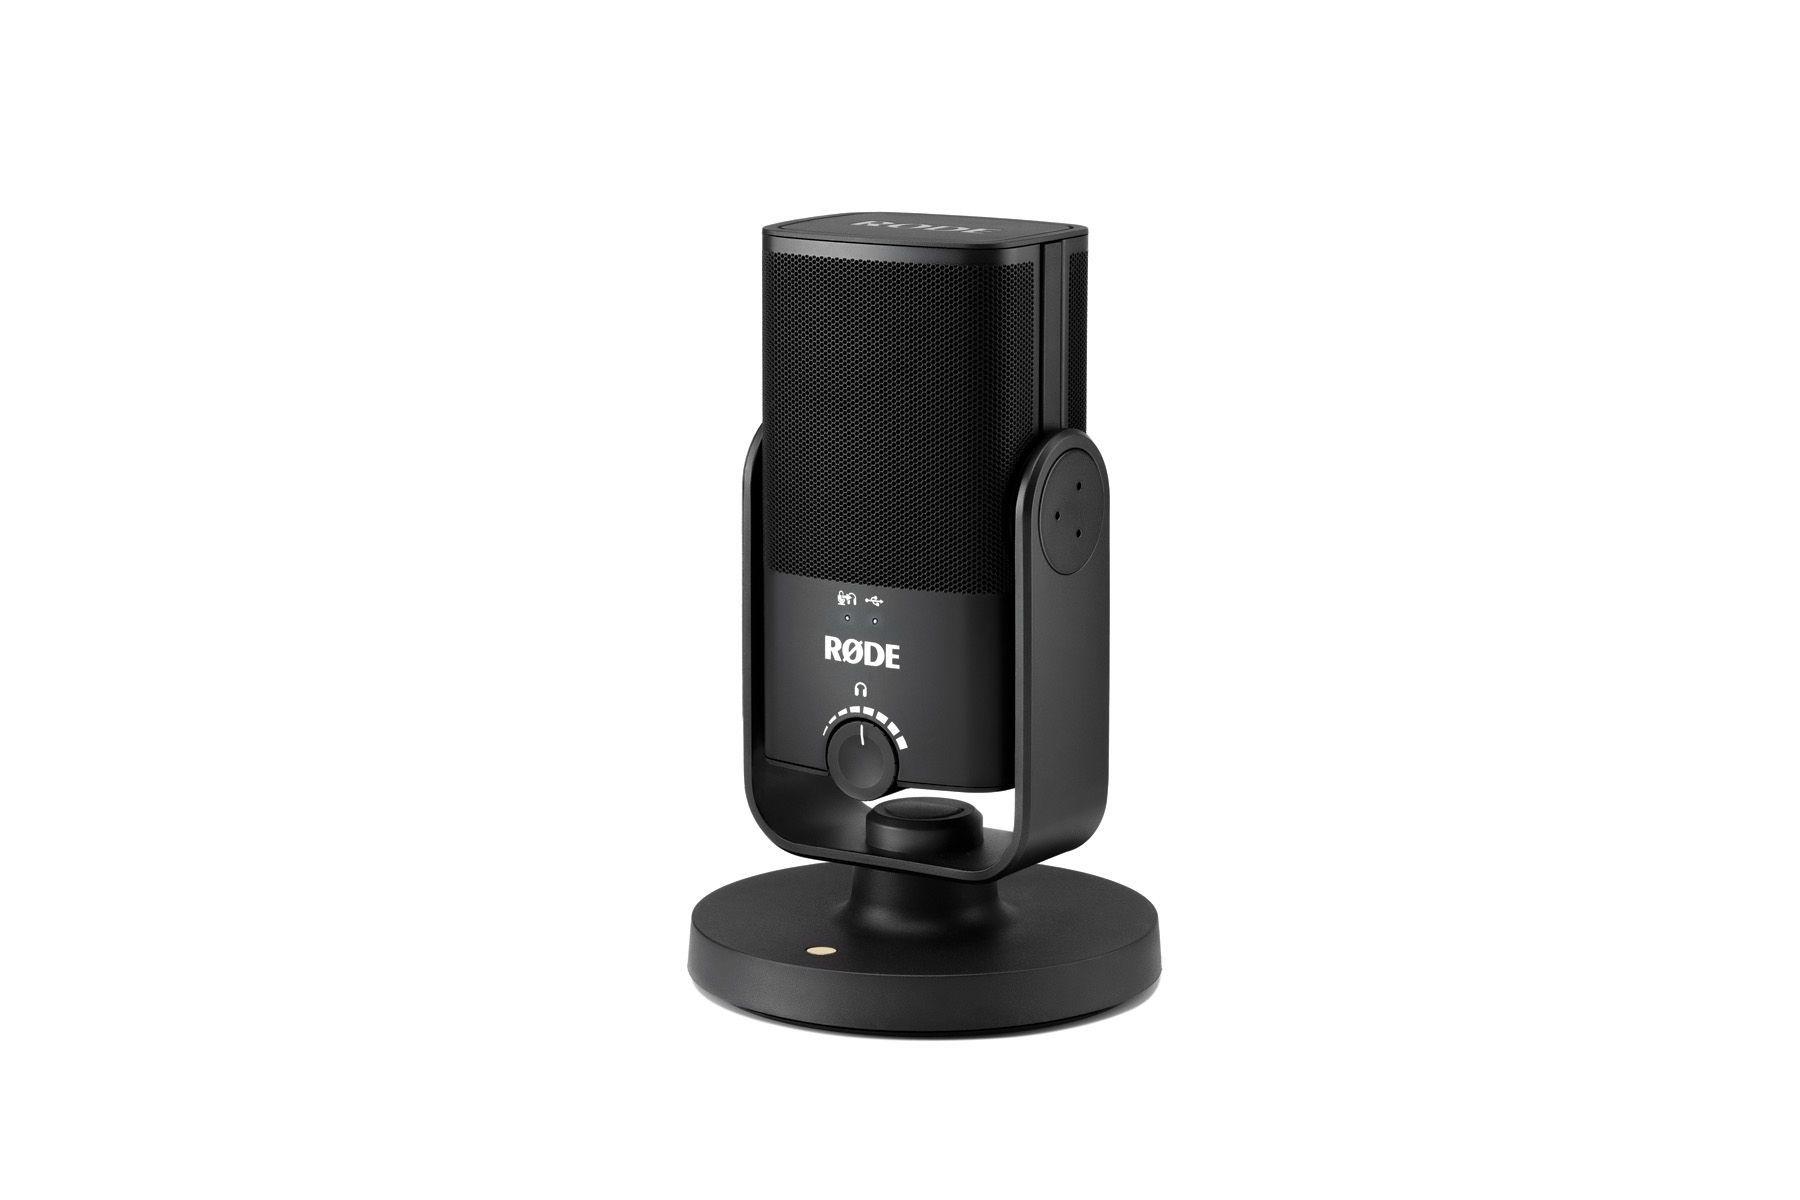 RODE NT-USB Mini USB-Studio-Kondensatormikrofon ideal zum Podcasten und Streamen